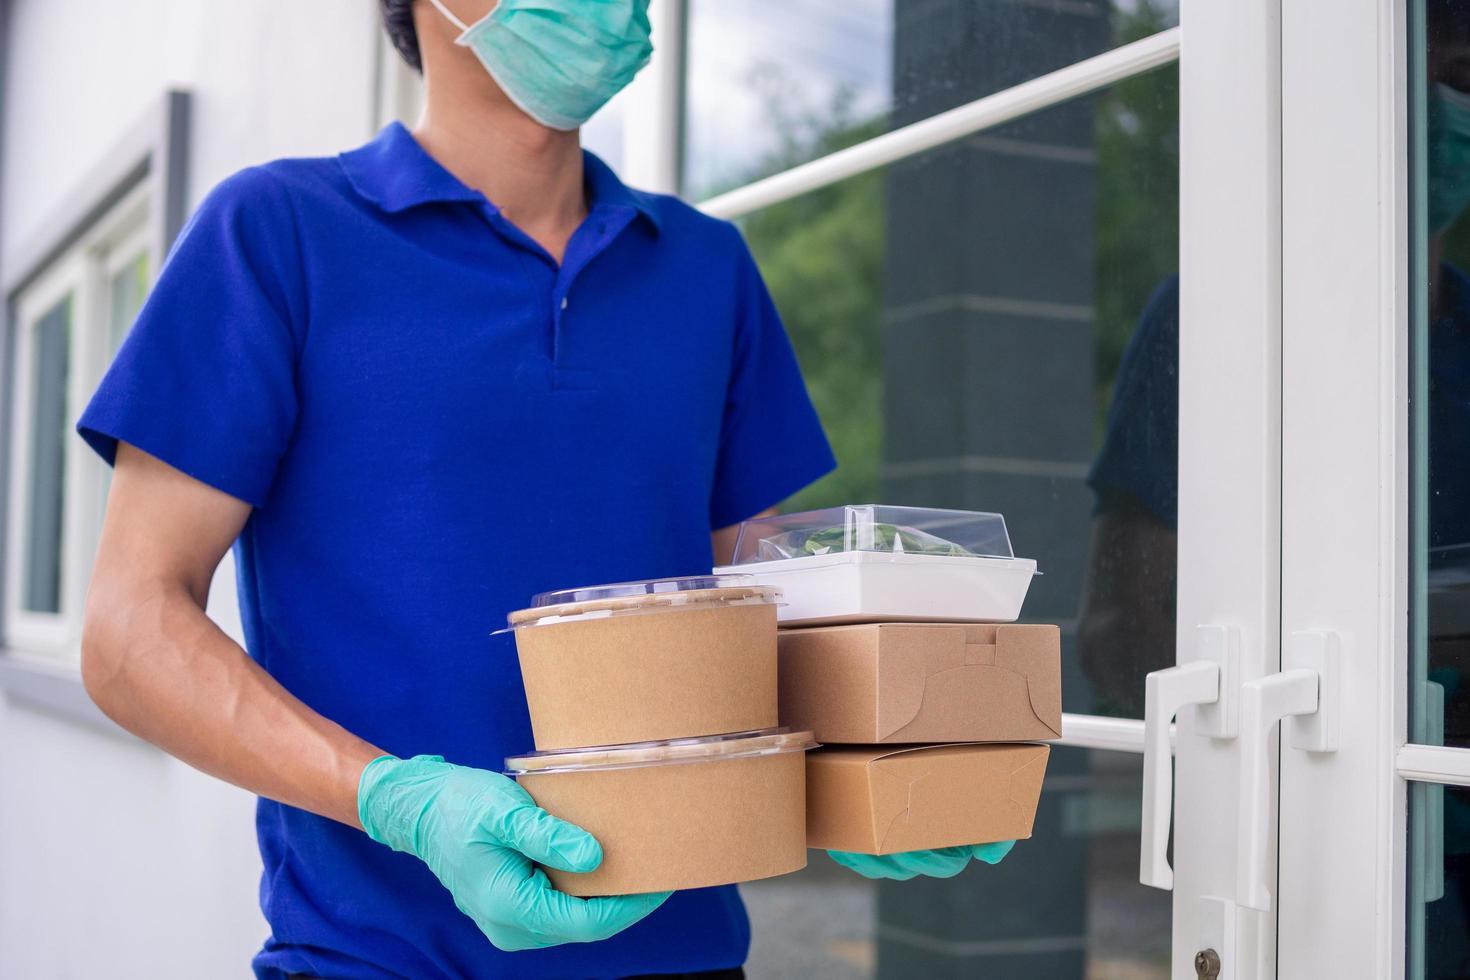 un addetto alla consegna di alimenti vestito con indumenti protettivi consegna il pranzo al cliente foto